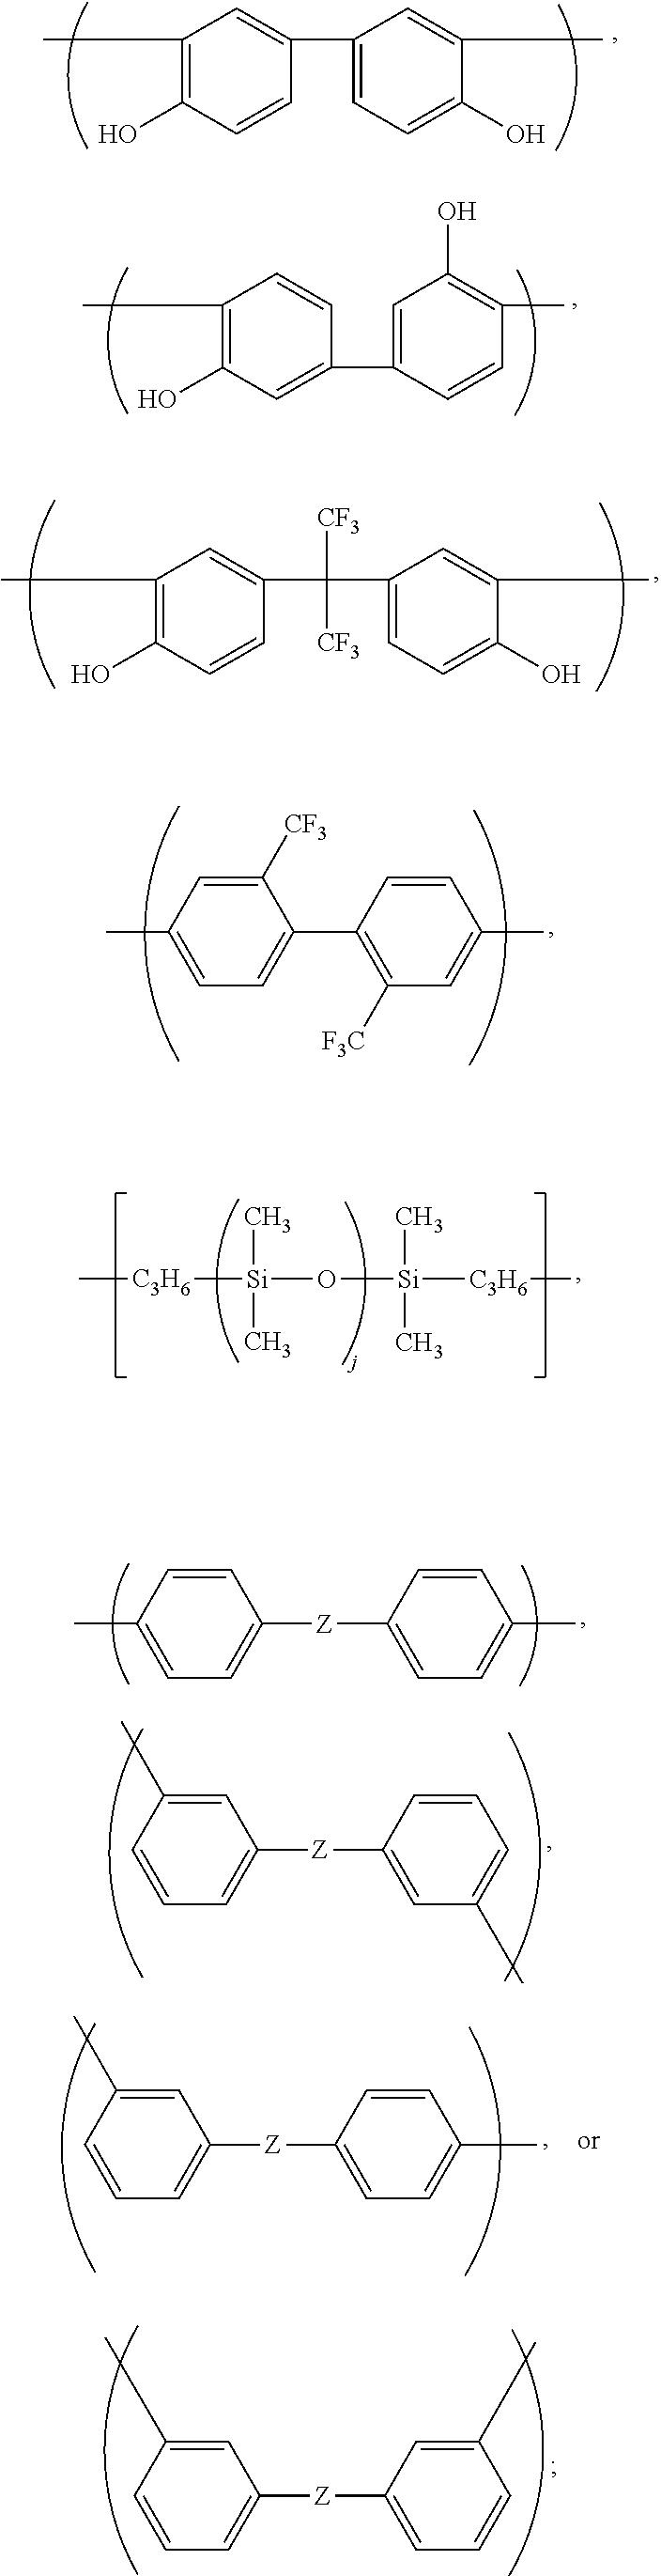 Figure US09477148-20161025-C00084